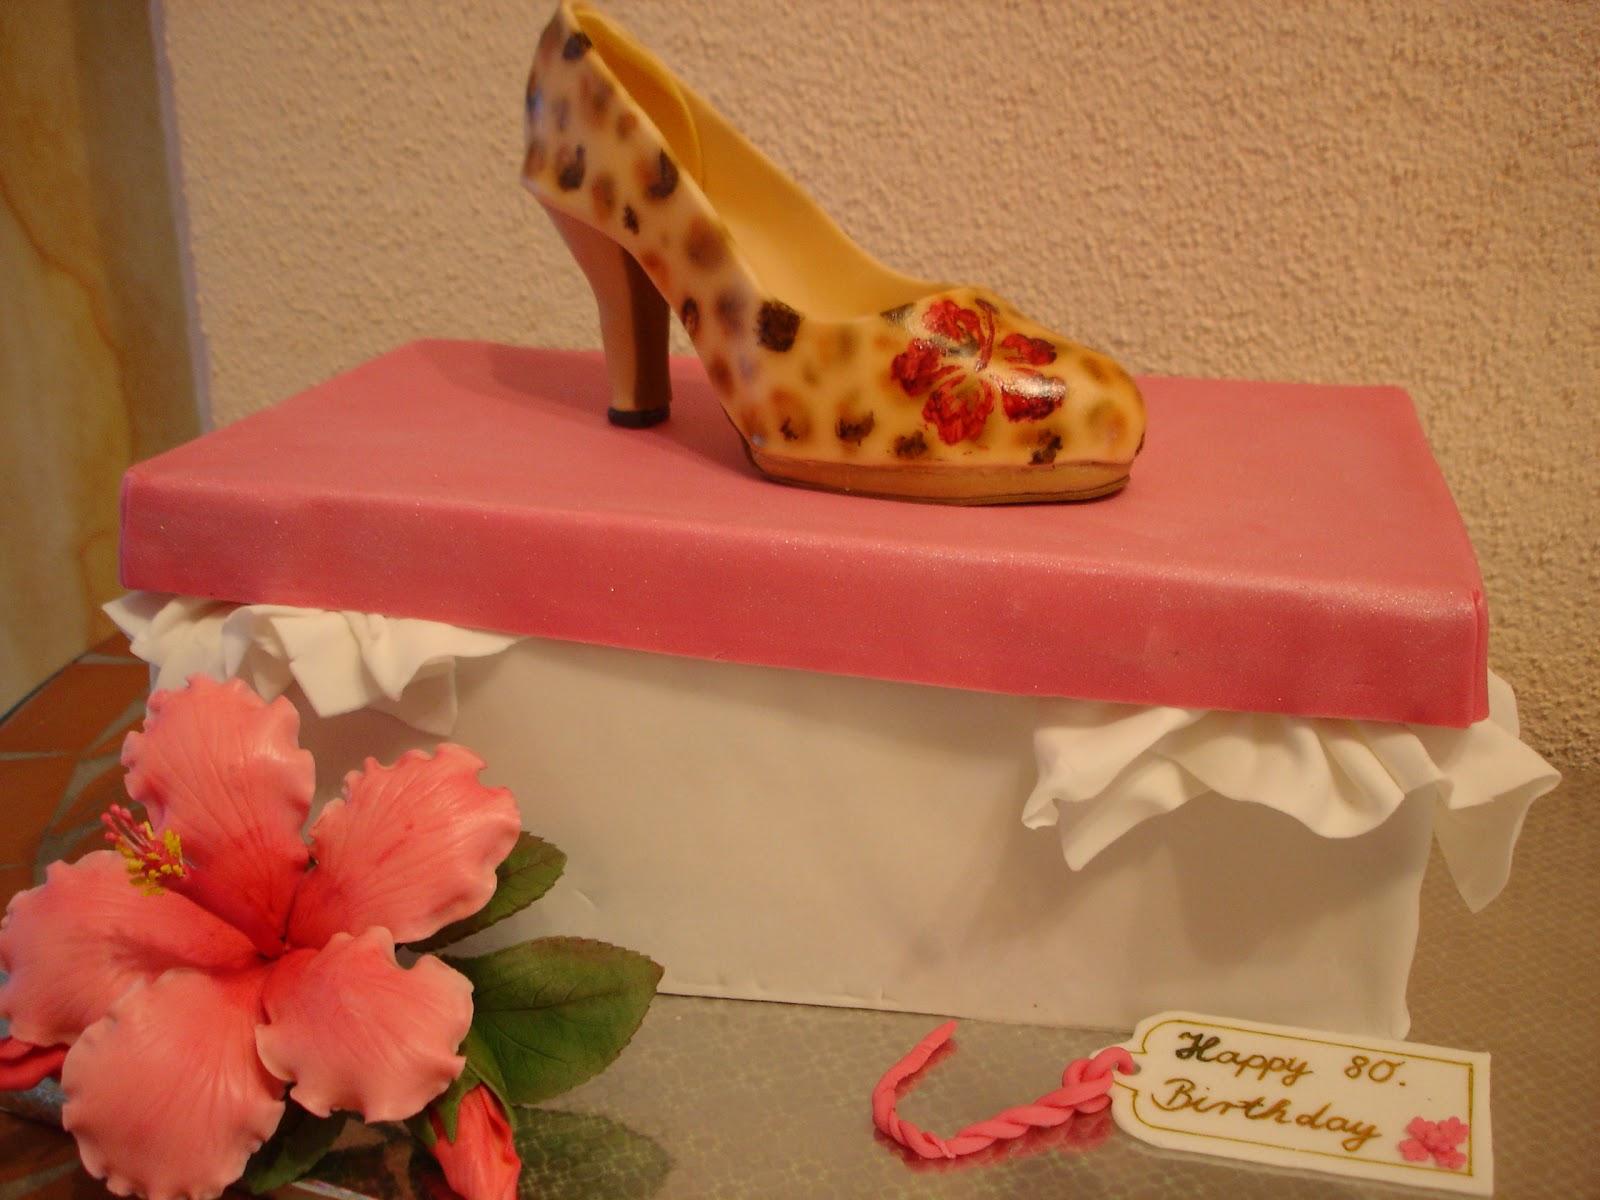 brigittes tortendesign leo schuh mit schuhkarton und hibiskusbl te als torte zum 80 geburtstag. Black Bedroom Furniture Sets. Home Design Ideas